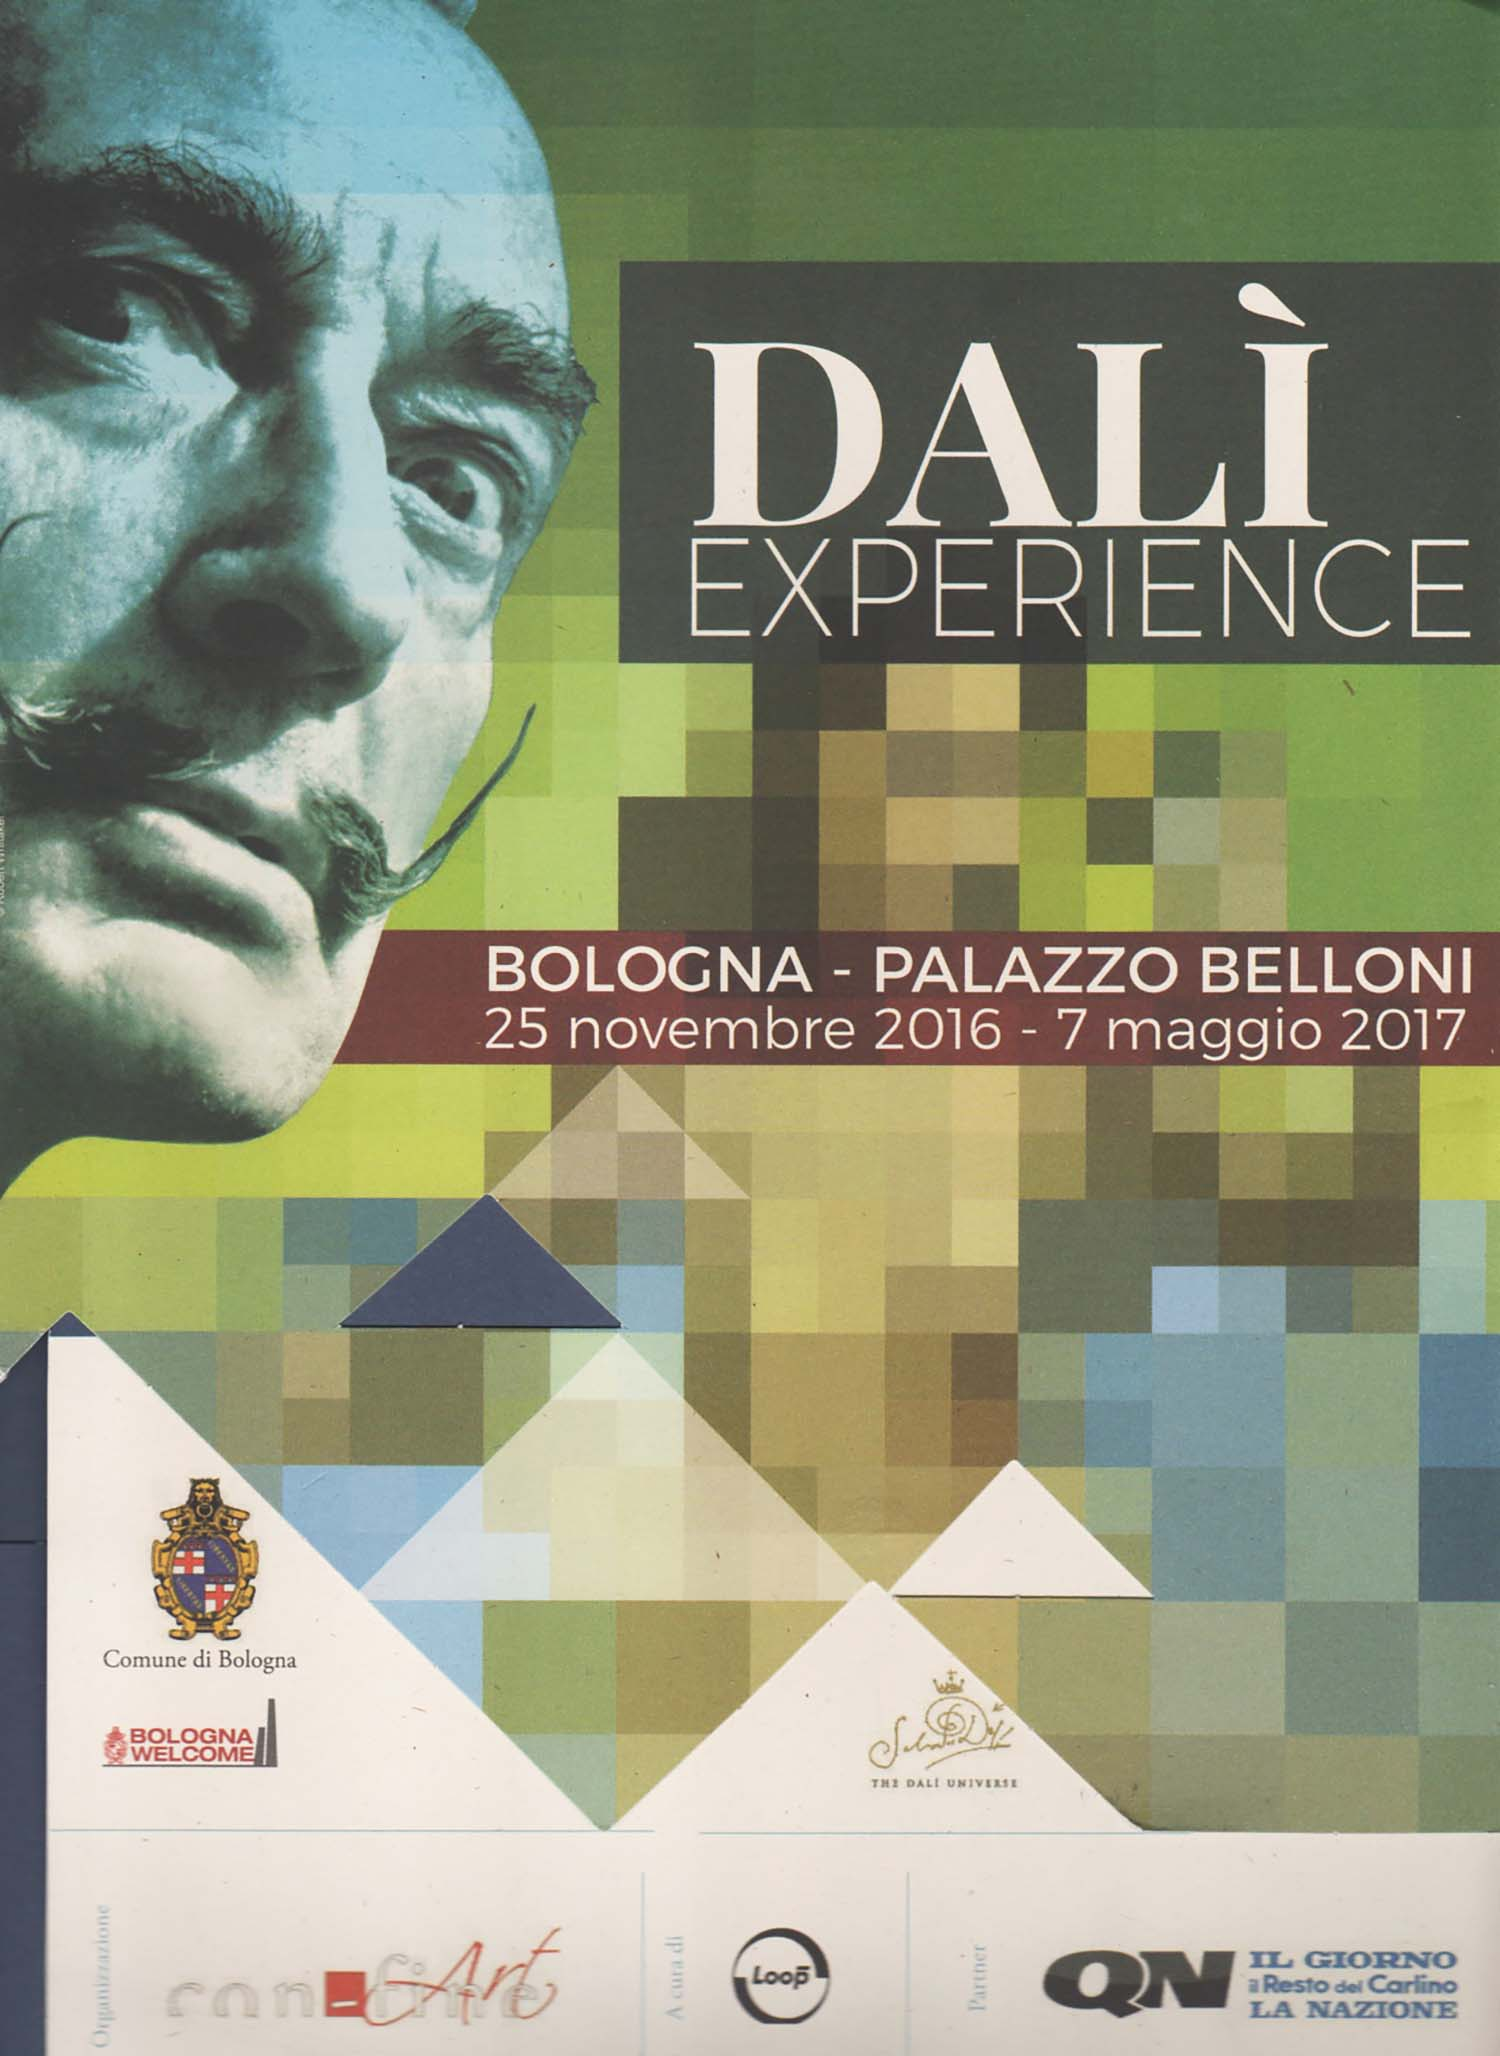 DALI-EXPERIENCE-palazzo-Belloni-Bologna-2016